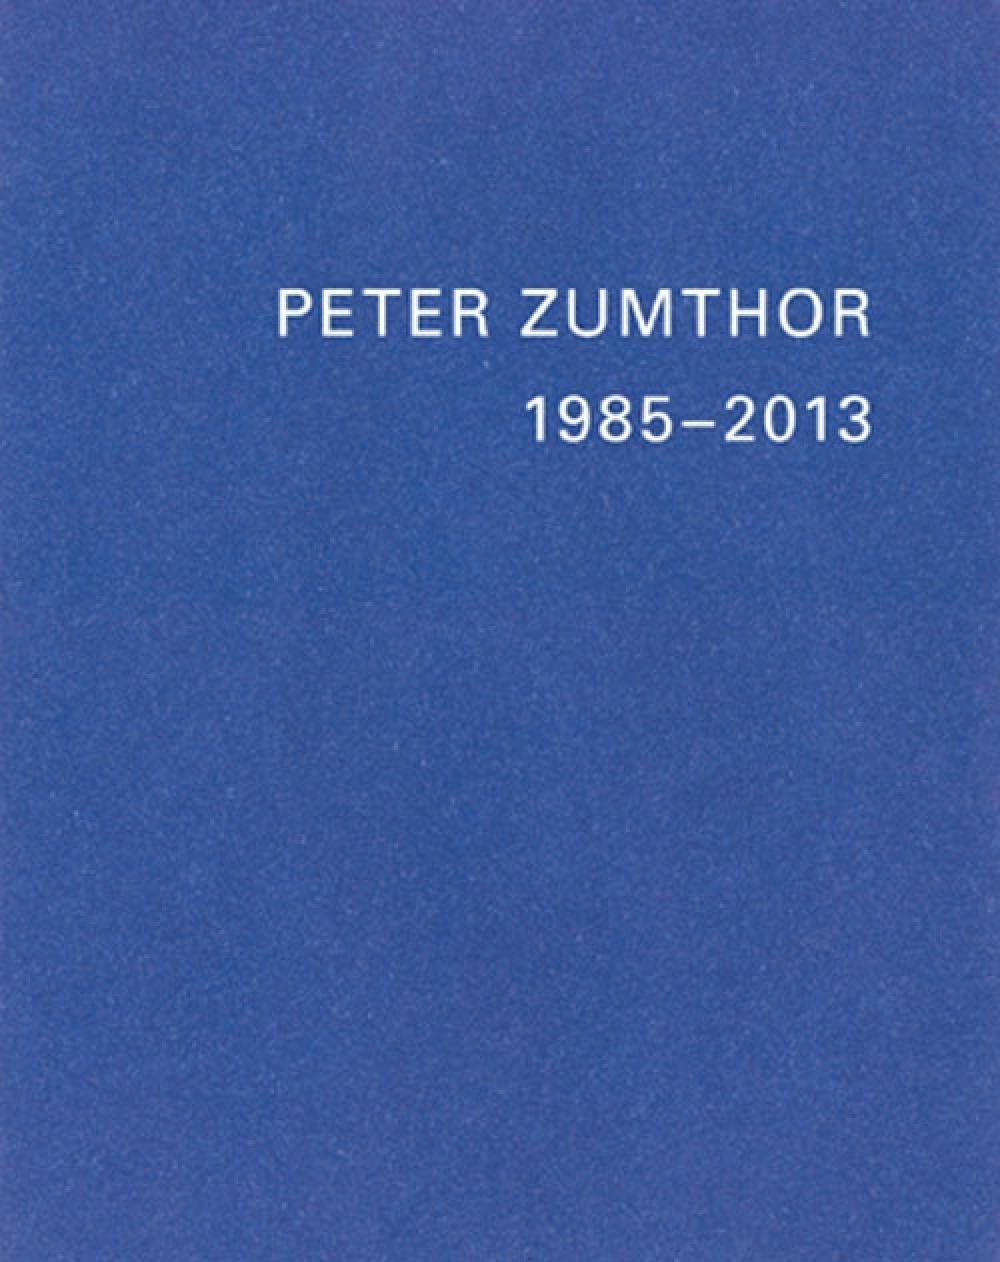 Peter Zumthor - Réalisations et projets 1985-2013 (coffret 5 volumes)